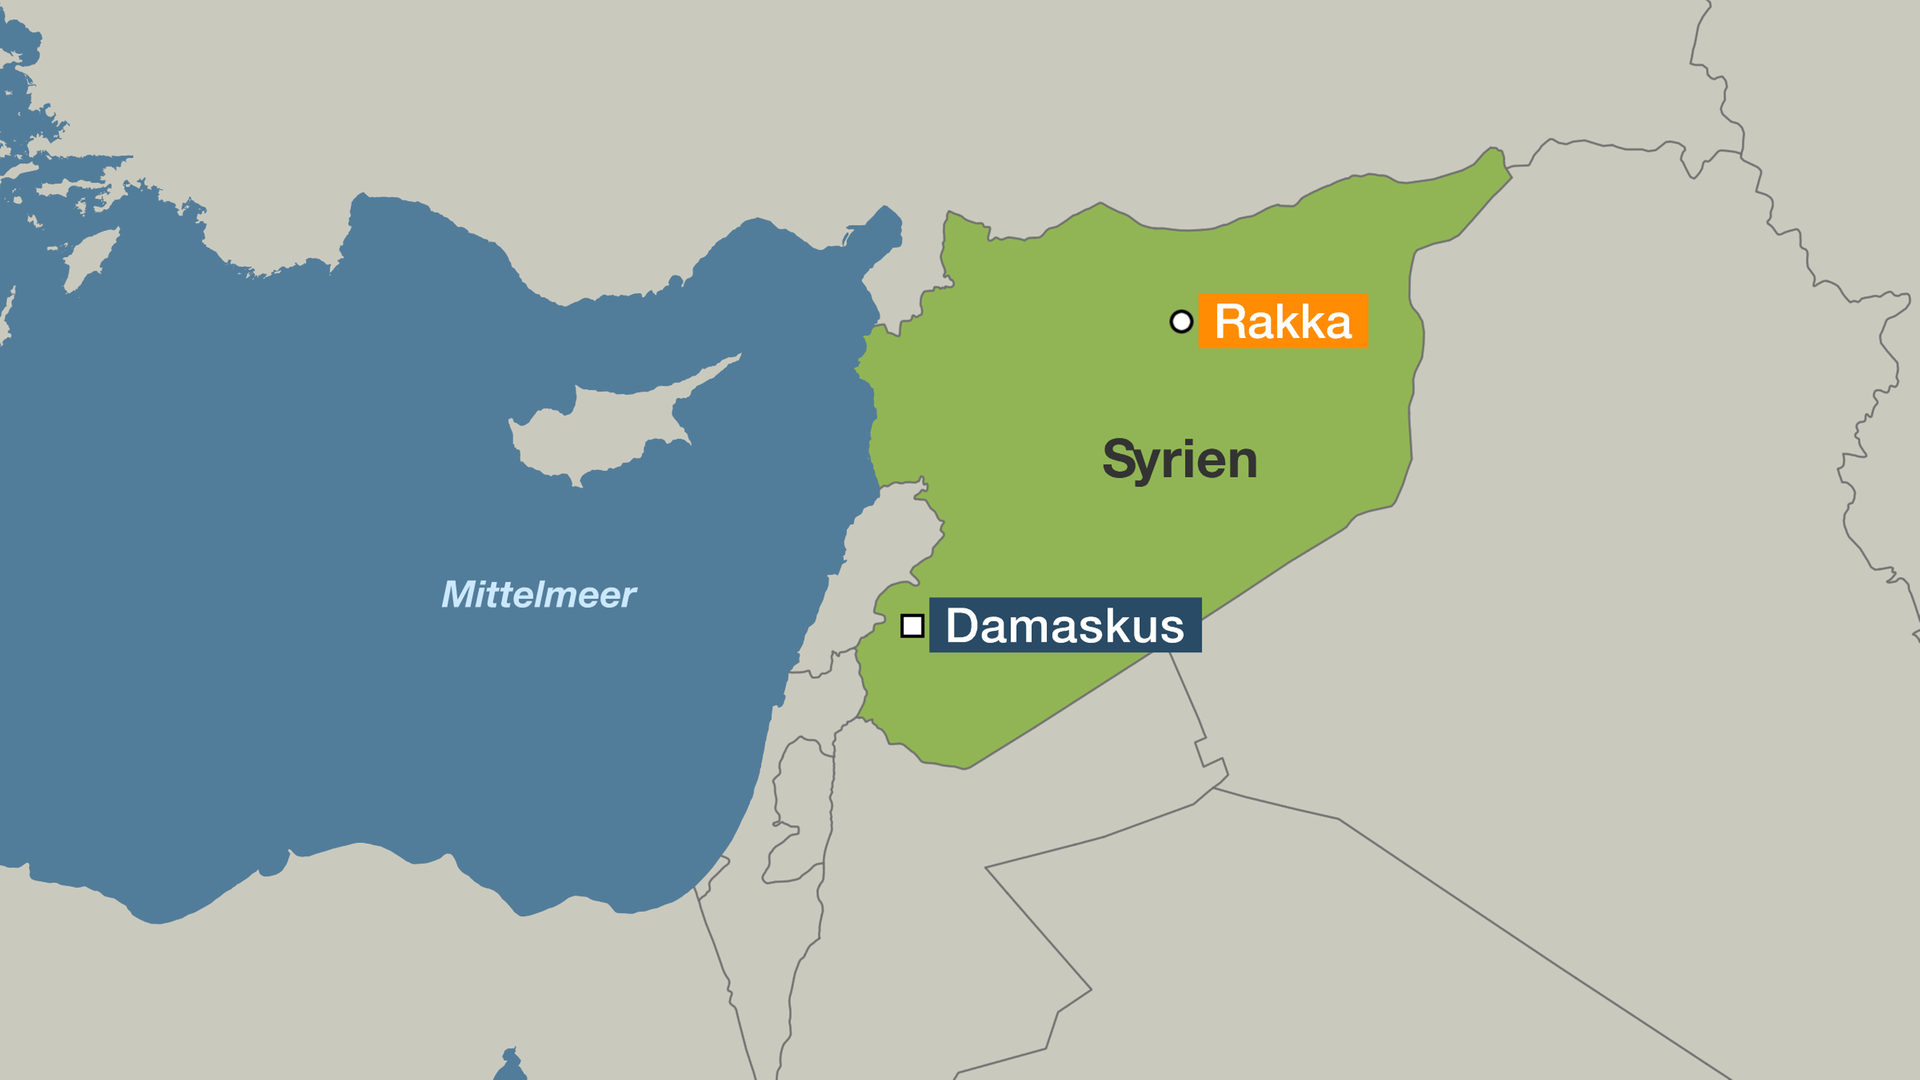 Hintergrunde des syrien konflikts